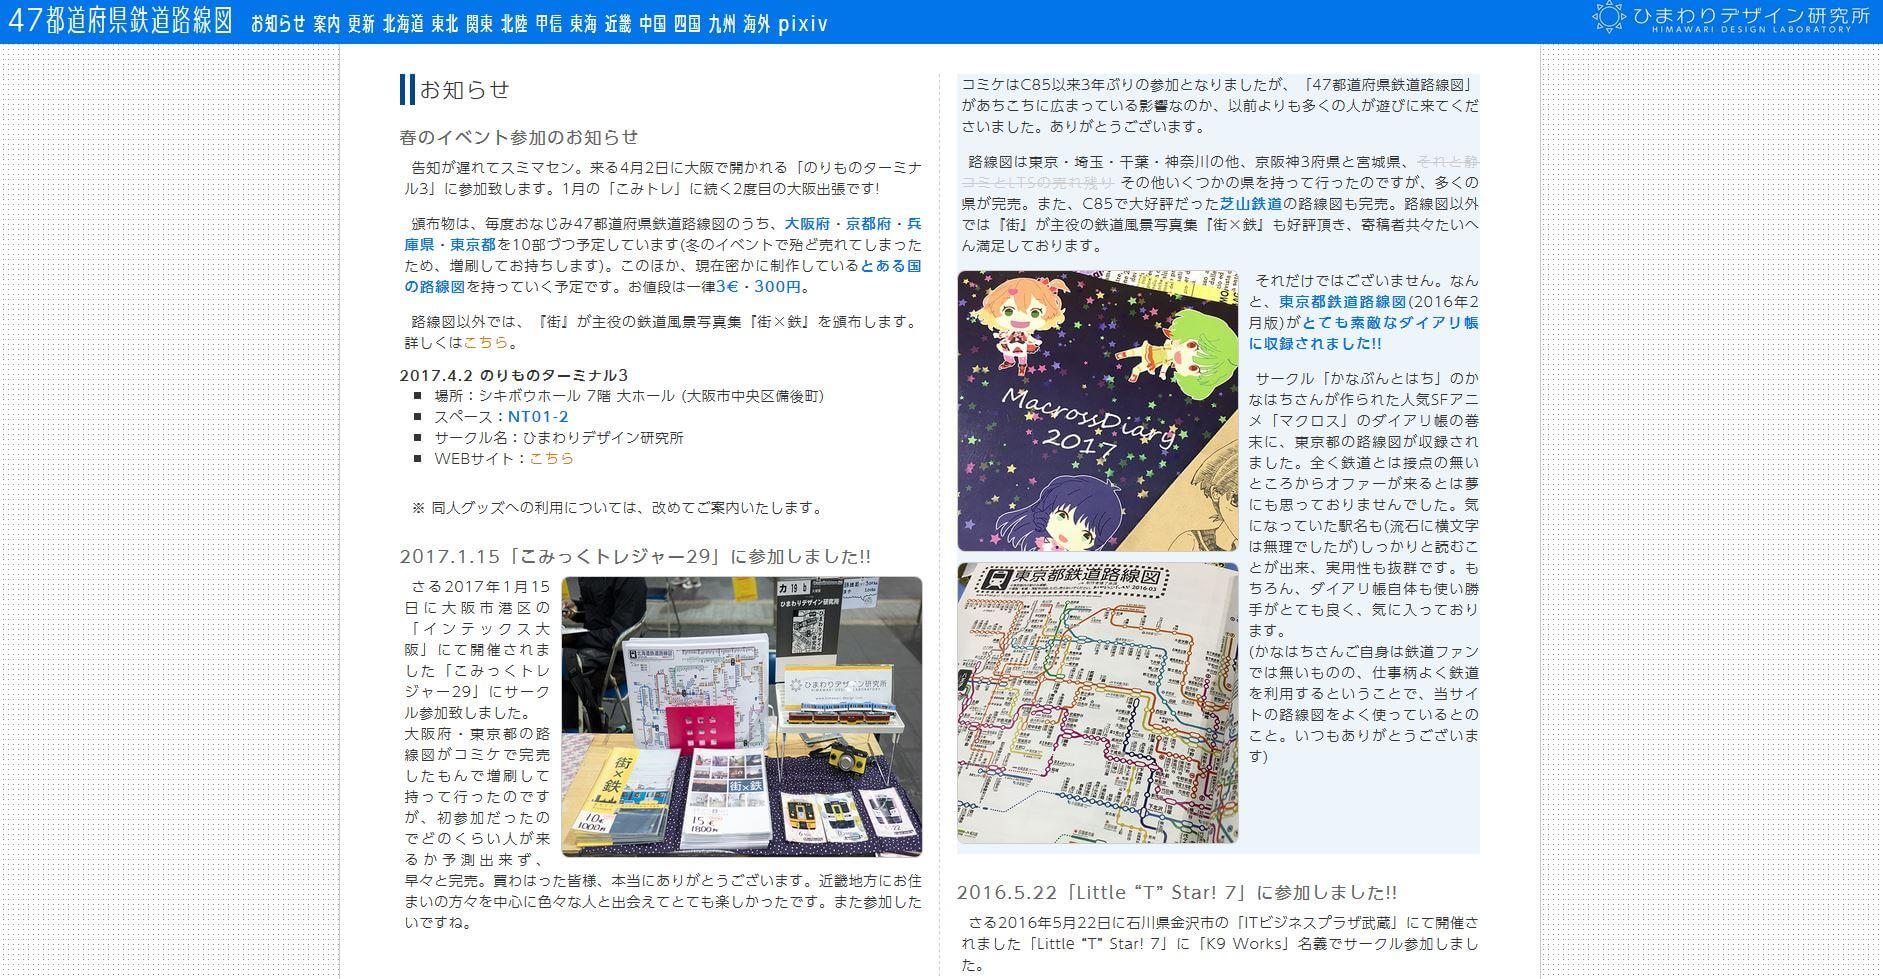 47網站資訊